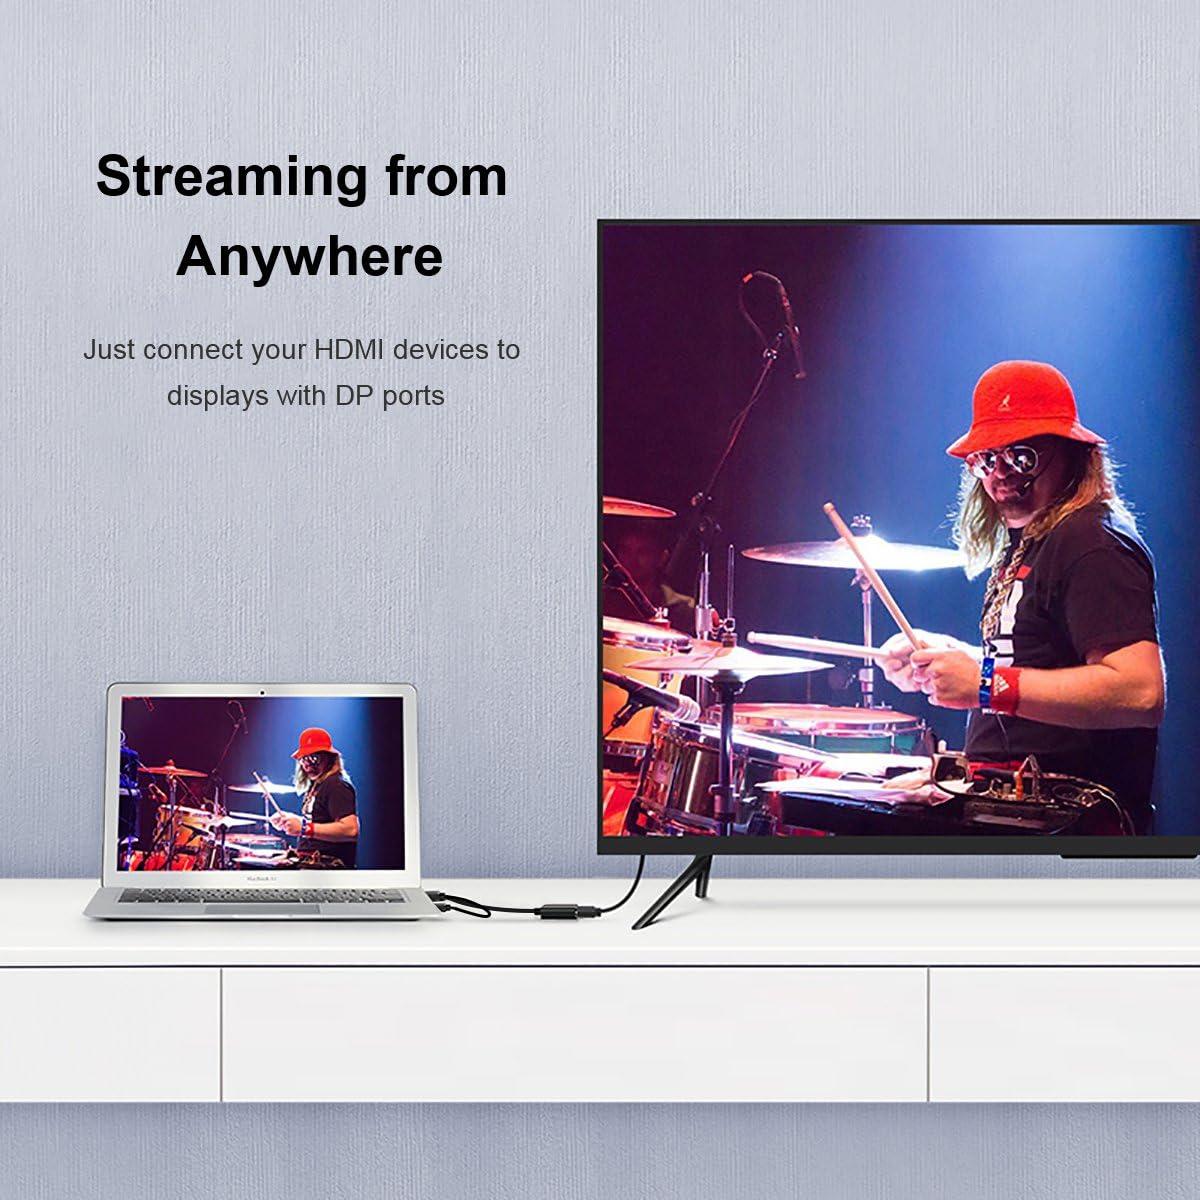 Cable adaptador HDMI a DisplayPort con alimentaci/ón USB compatible con VESA Dual-Mode DisplayPort 1.2 HDMI 1.4 y HDCP QGeeM 4K x 2K HDMI a DP para sistemas equipados con HDMI